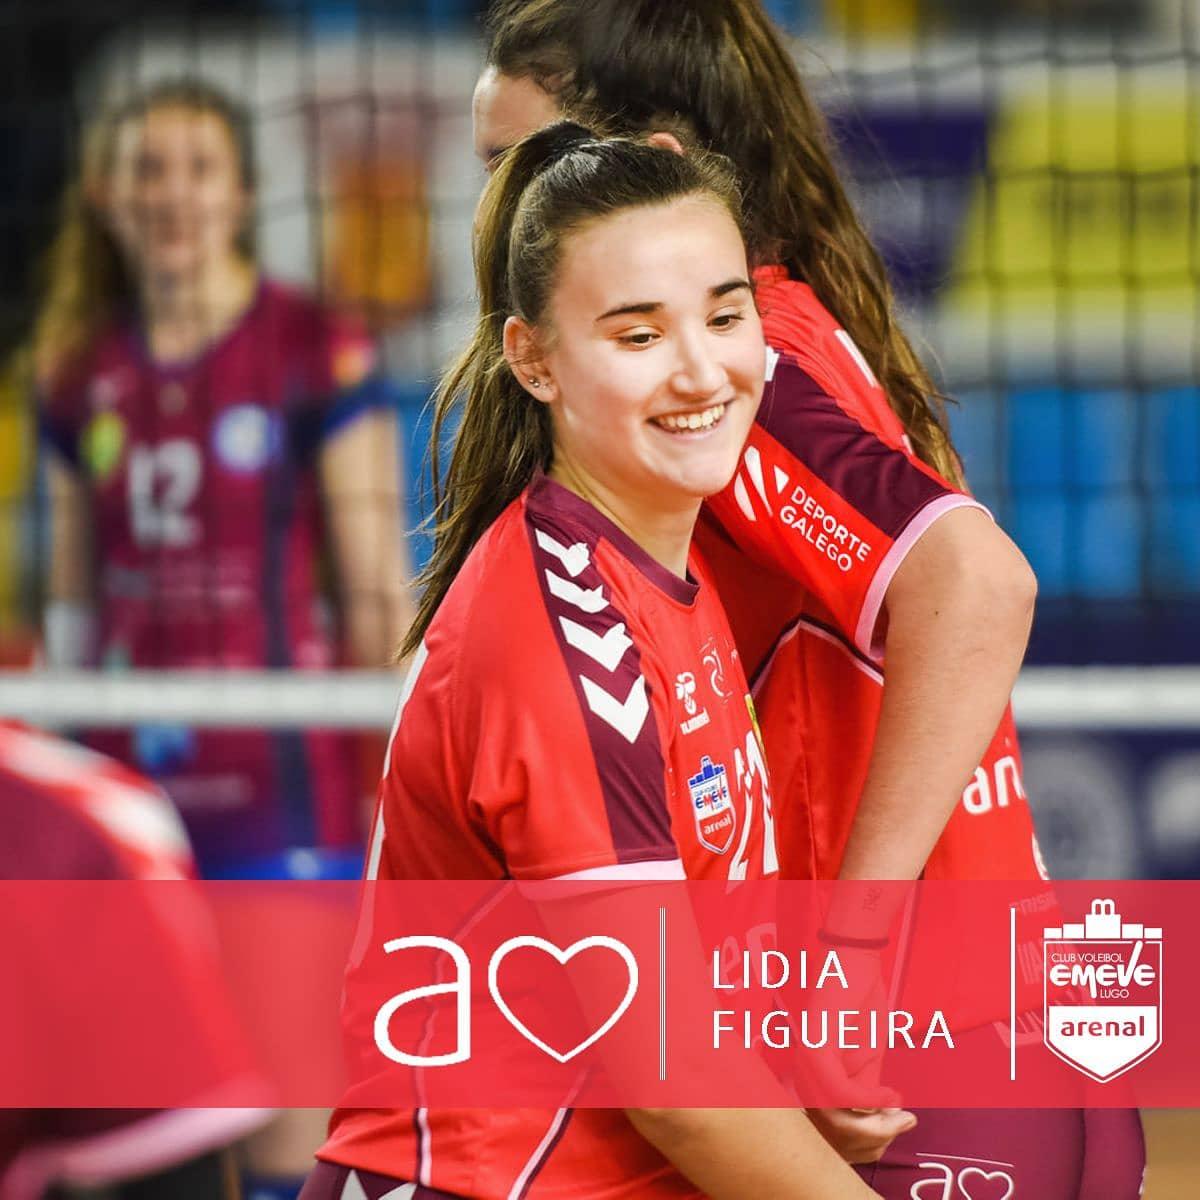 Lidia Figueira, xogadora do Emevé / EMEVÉ